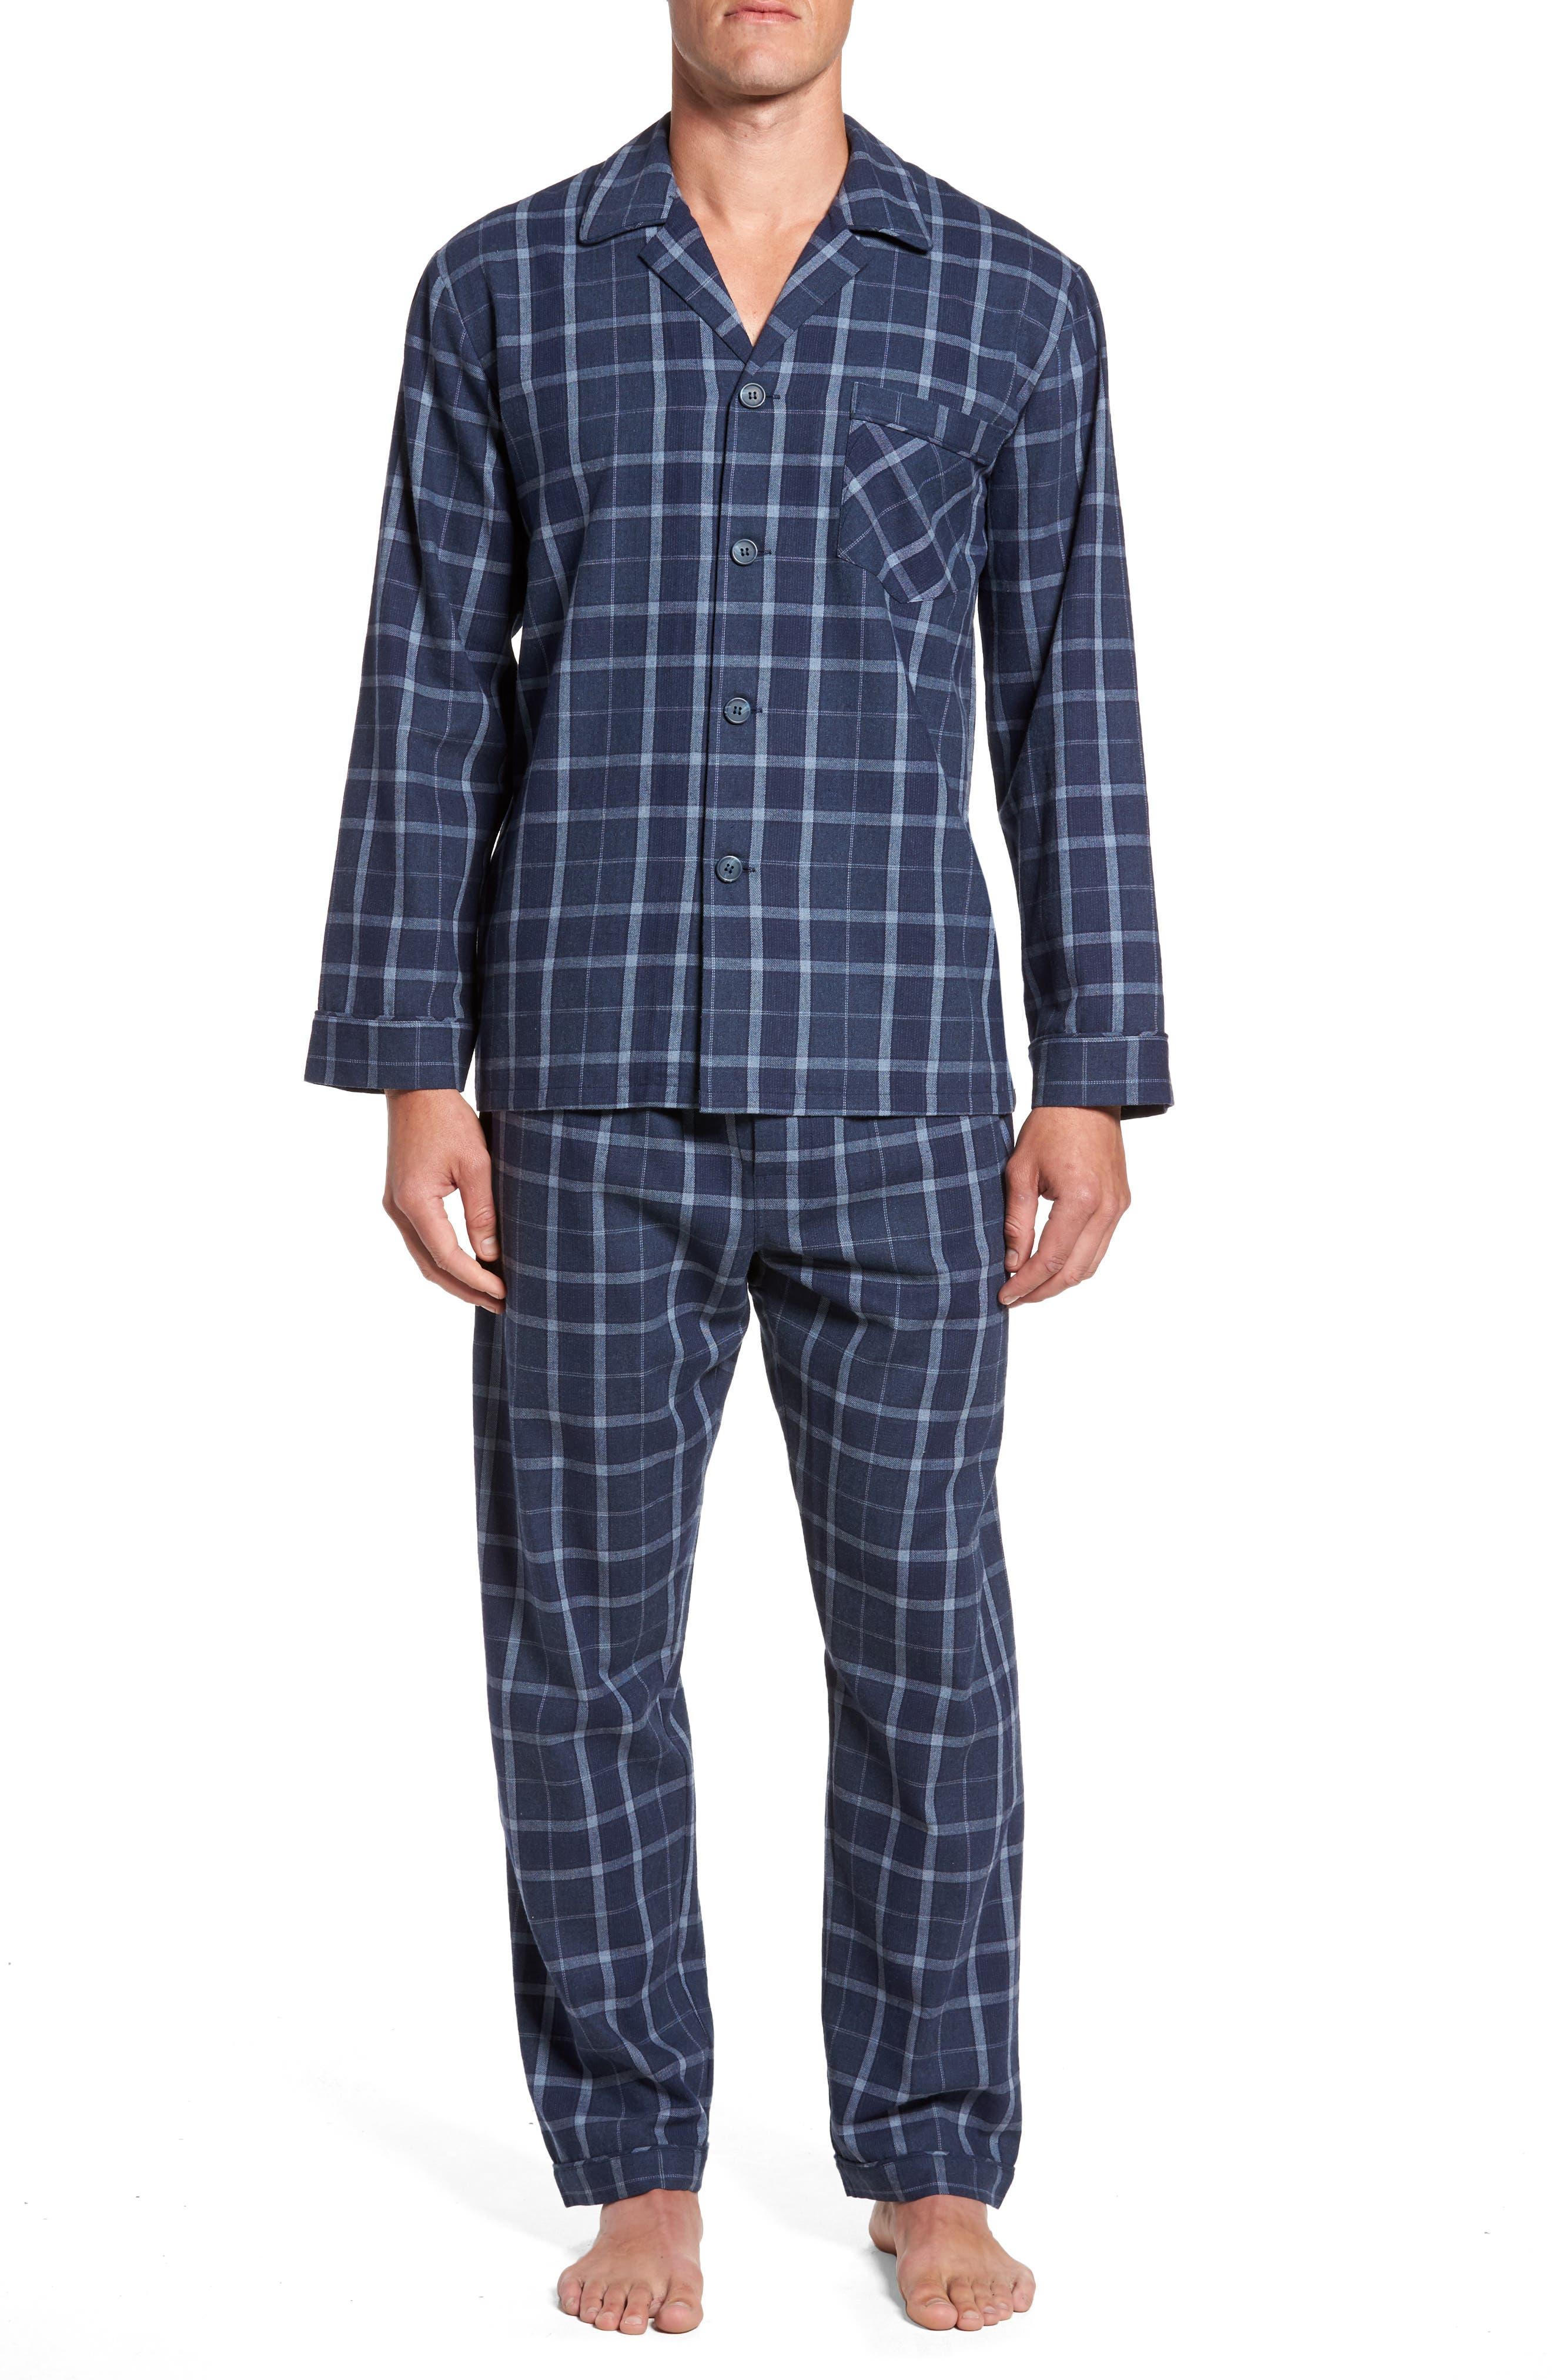 Guiness Plaid Pajama Set,                         Main,                         color, 400